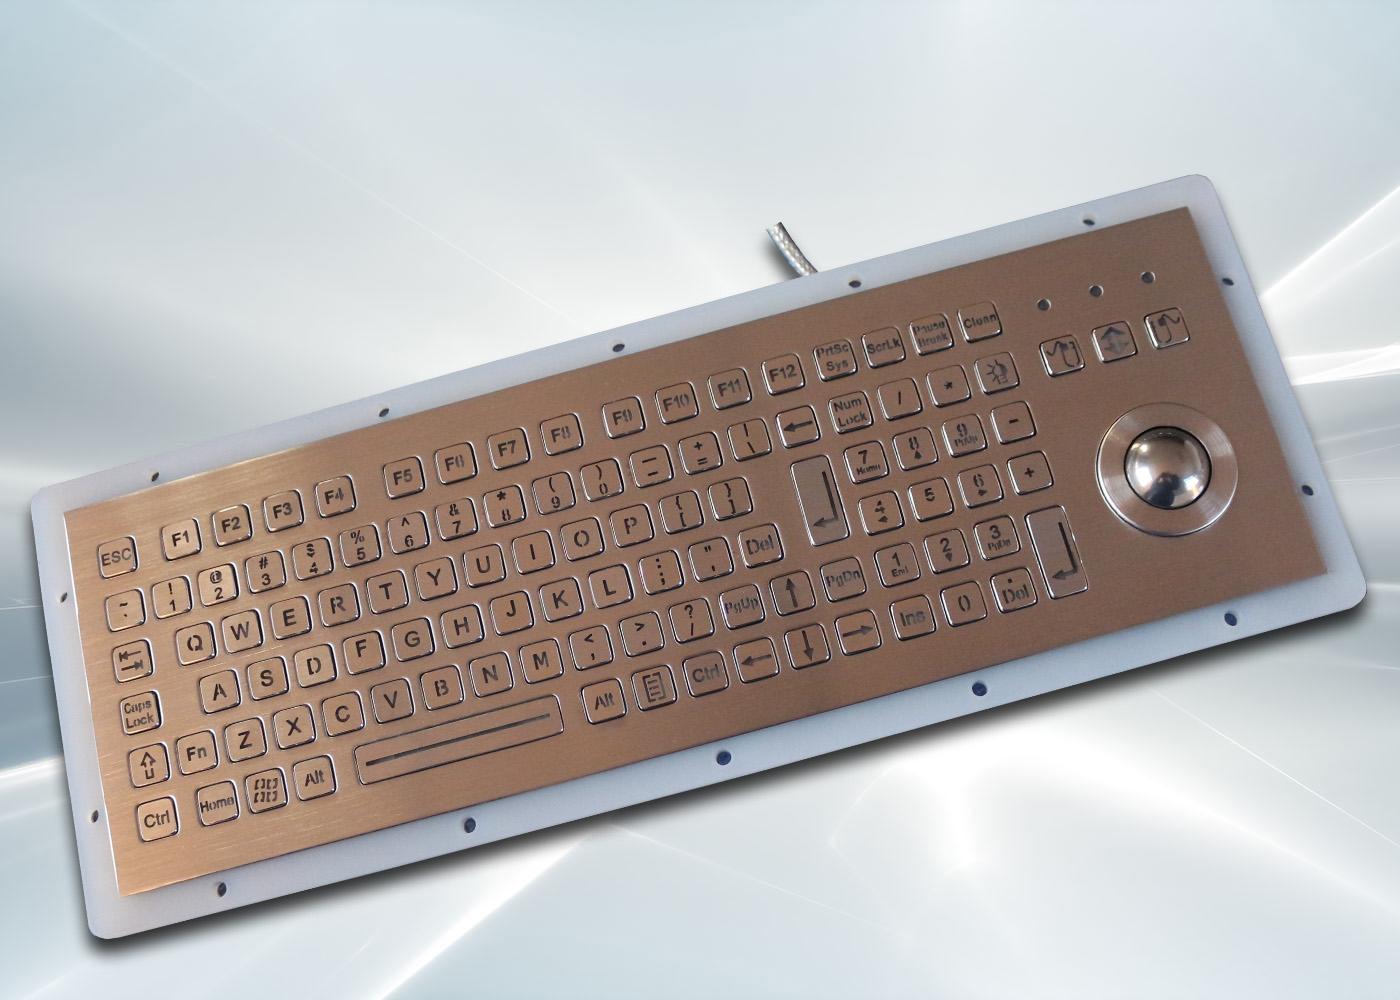 Clavier inox 104 touches rétroéclairé avec trackball 25mm – rétroéclairage coupé